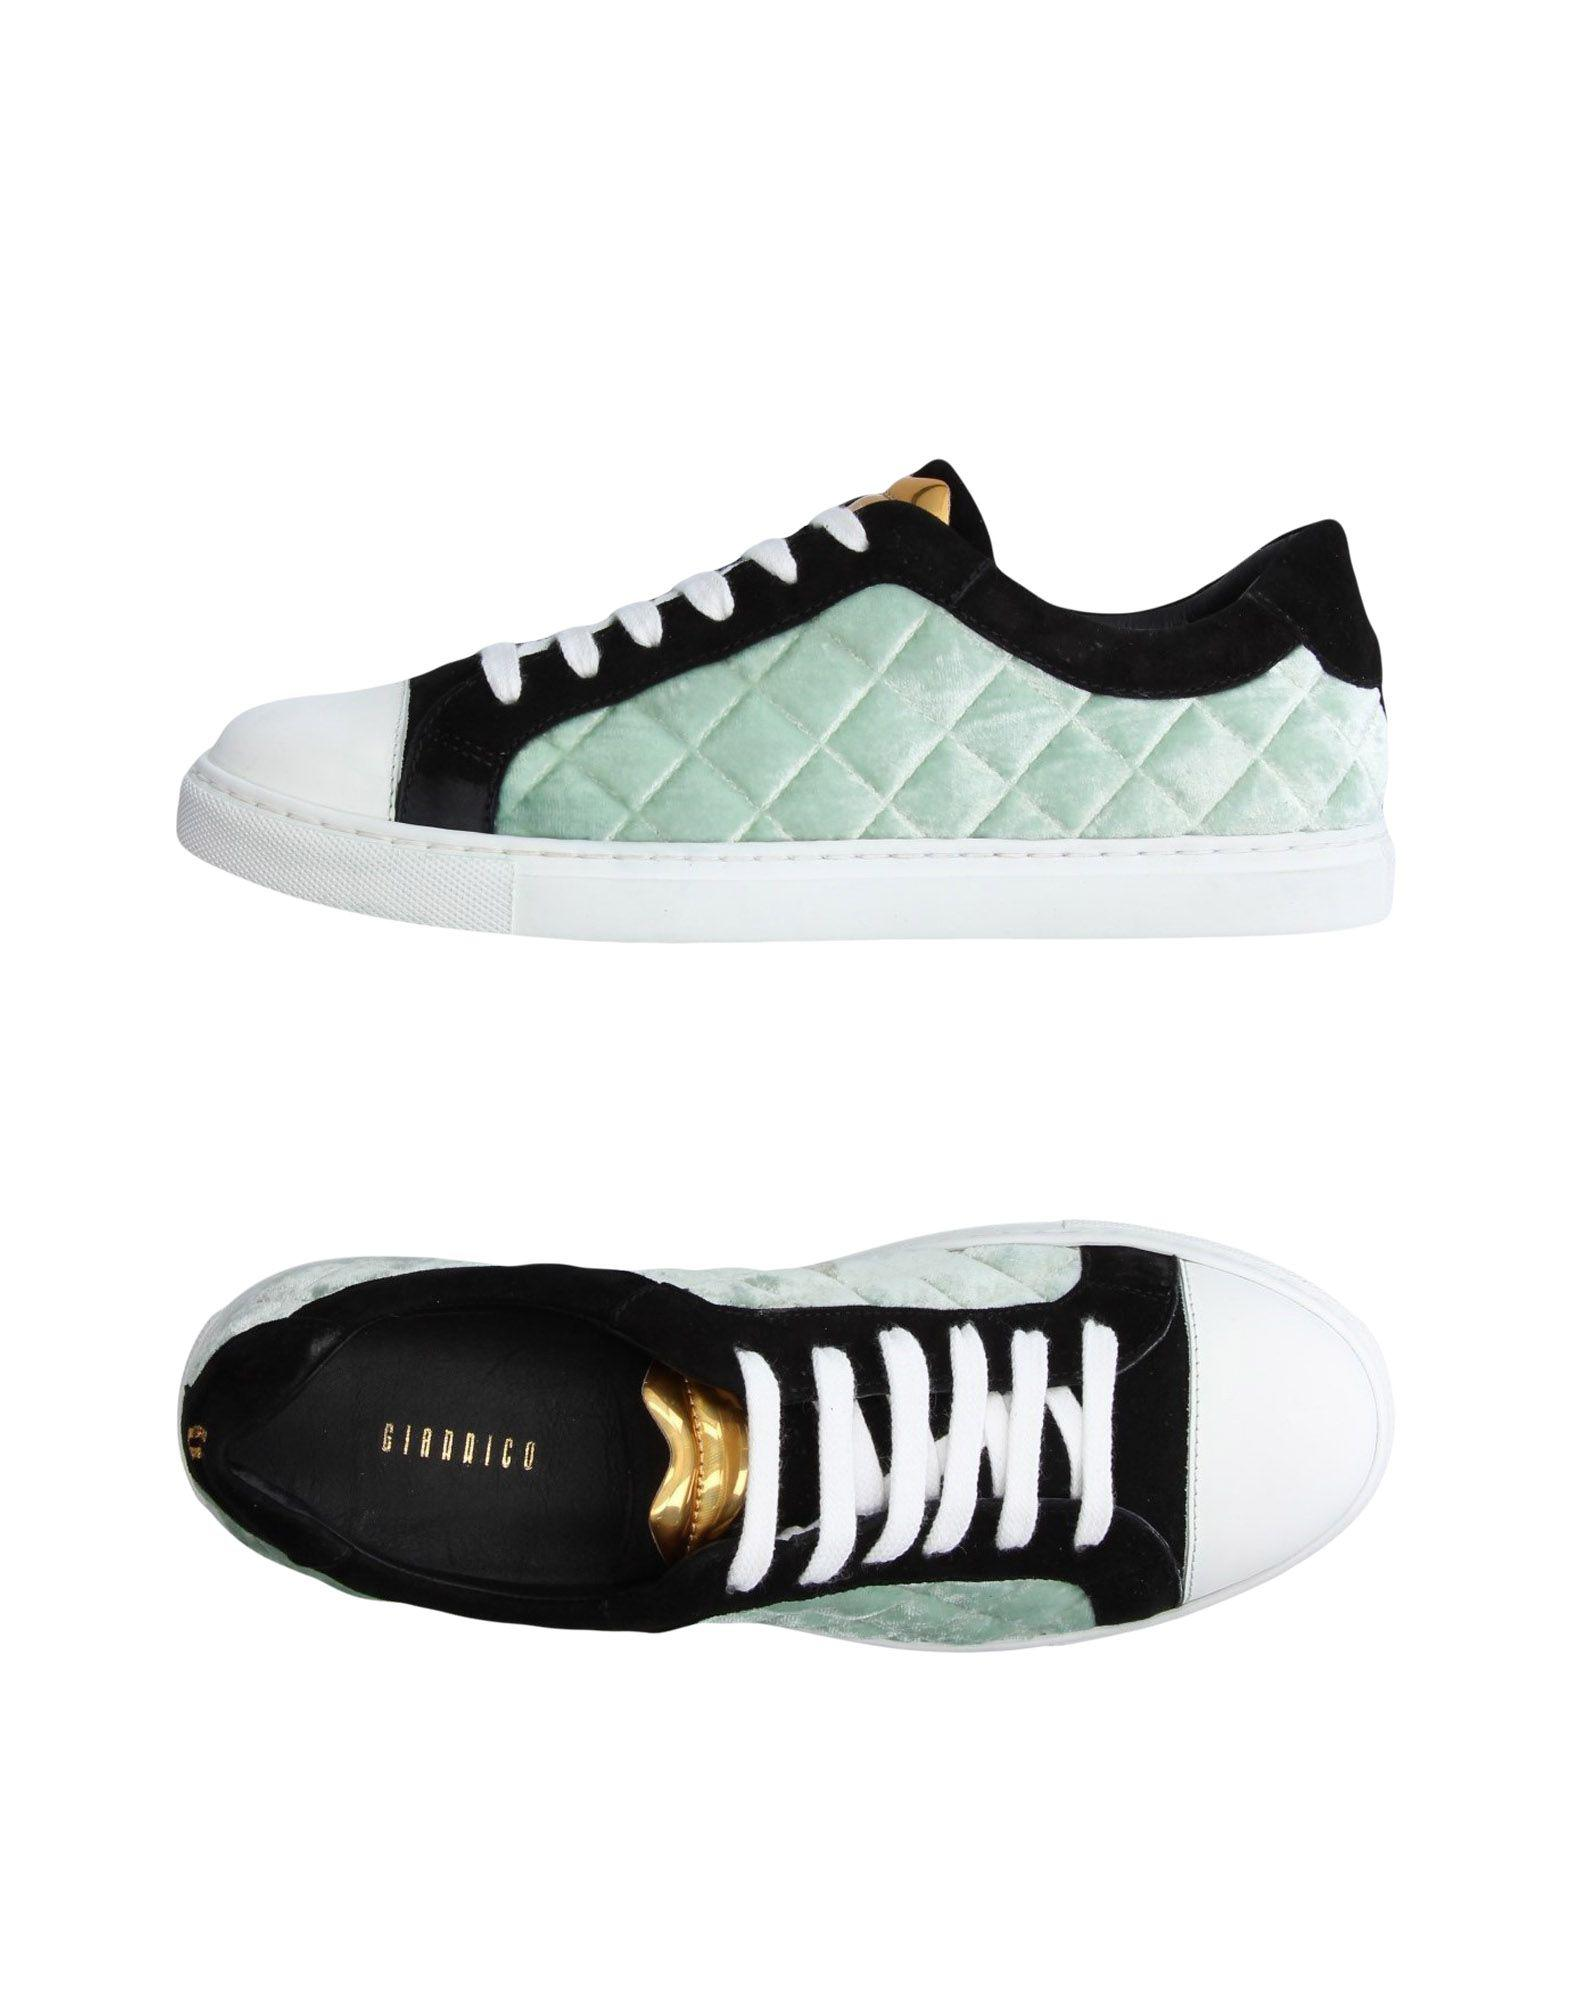 FOOTWEAR - Low-tops & sneakers Giannico wHwrFbGlqV